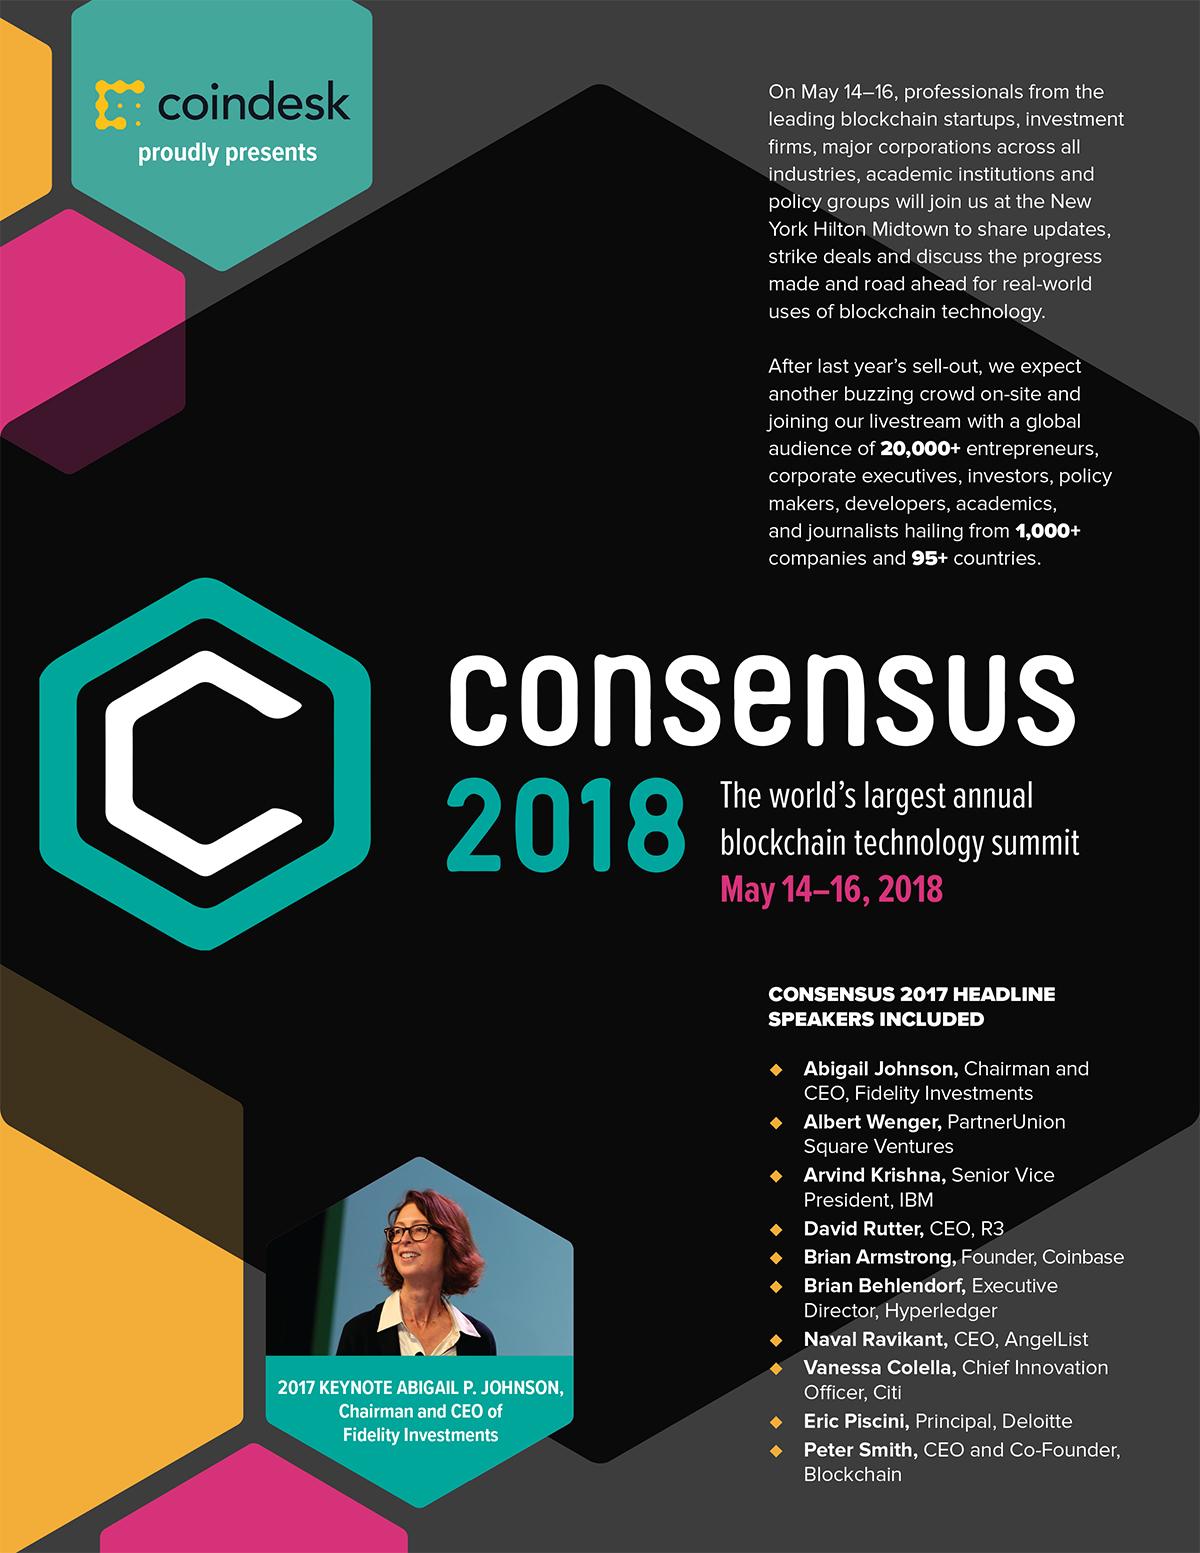 Consensus 2